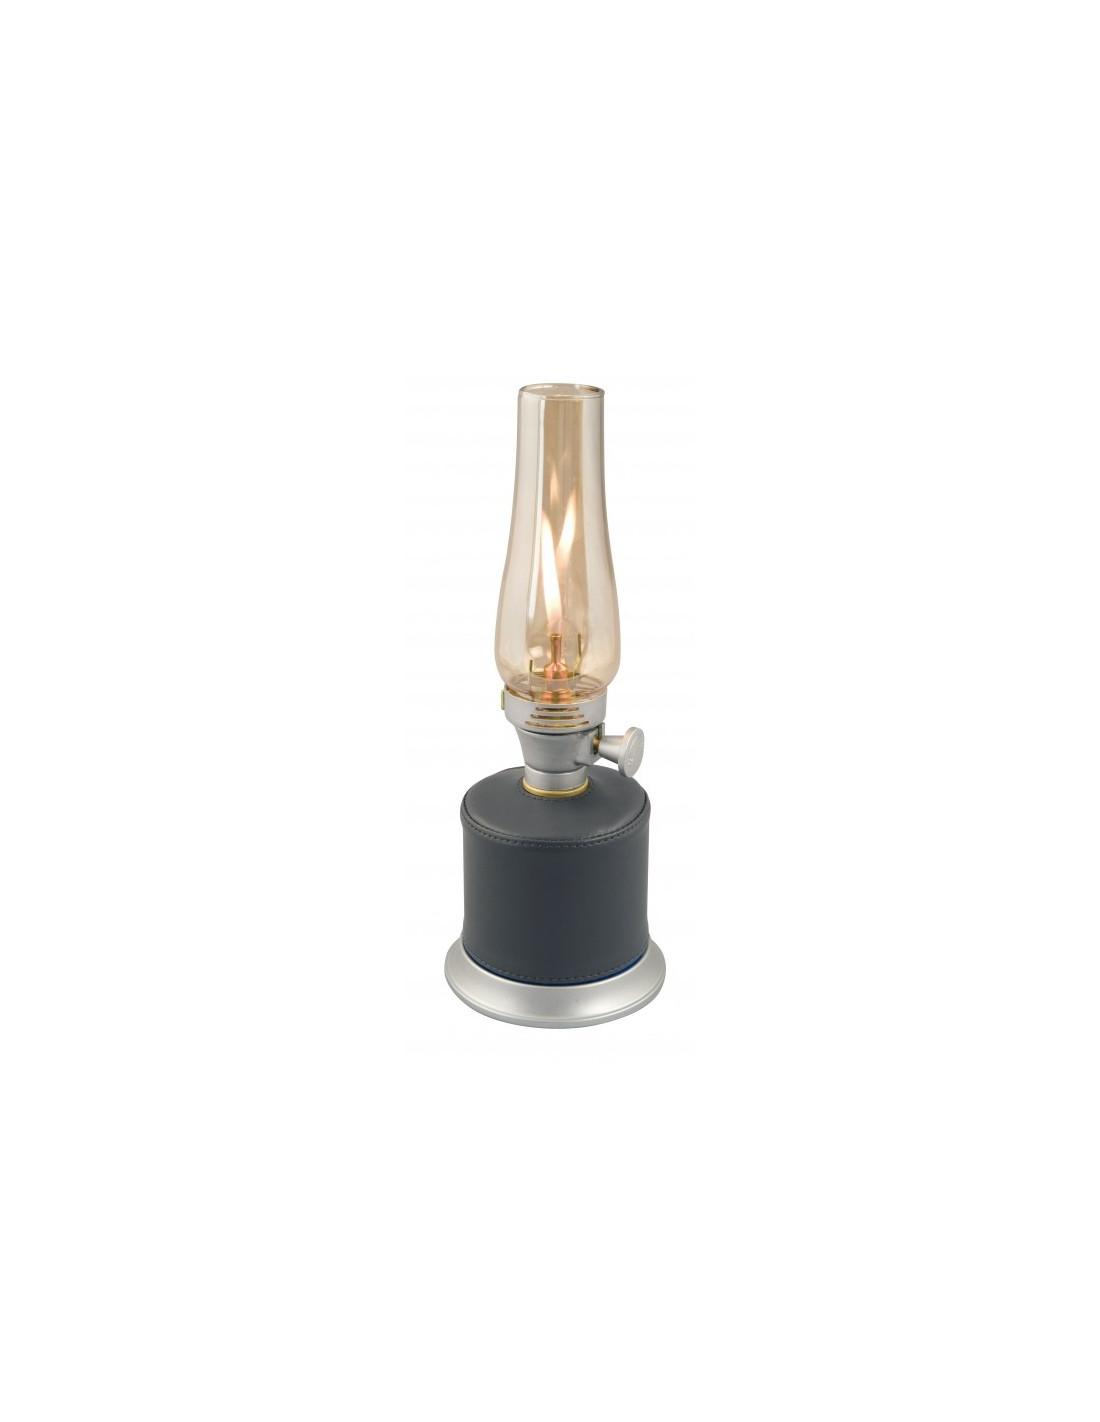 Laterne Ambience Beleuchtungsart - Laternen, Maximale Leuchtweite - bis 50m, Lampenfarbe - Grau,